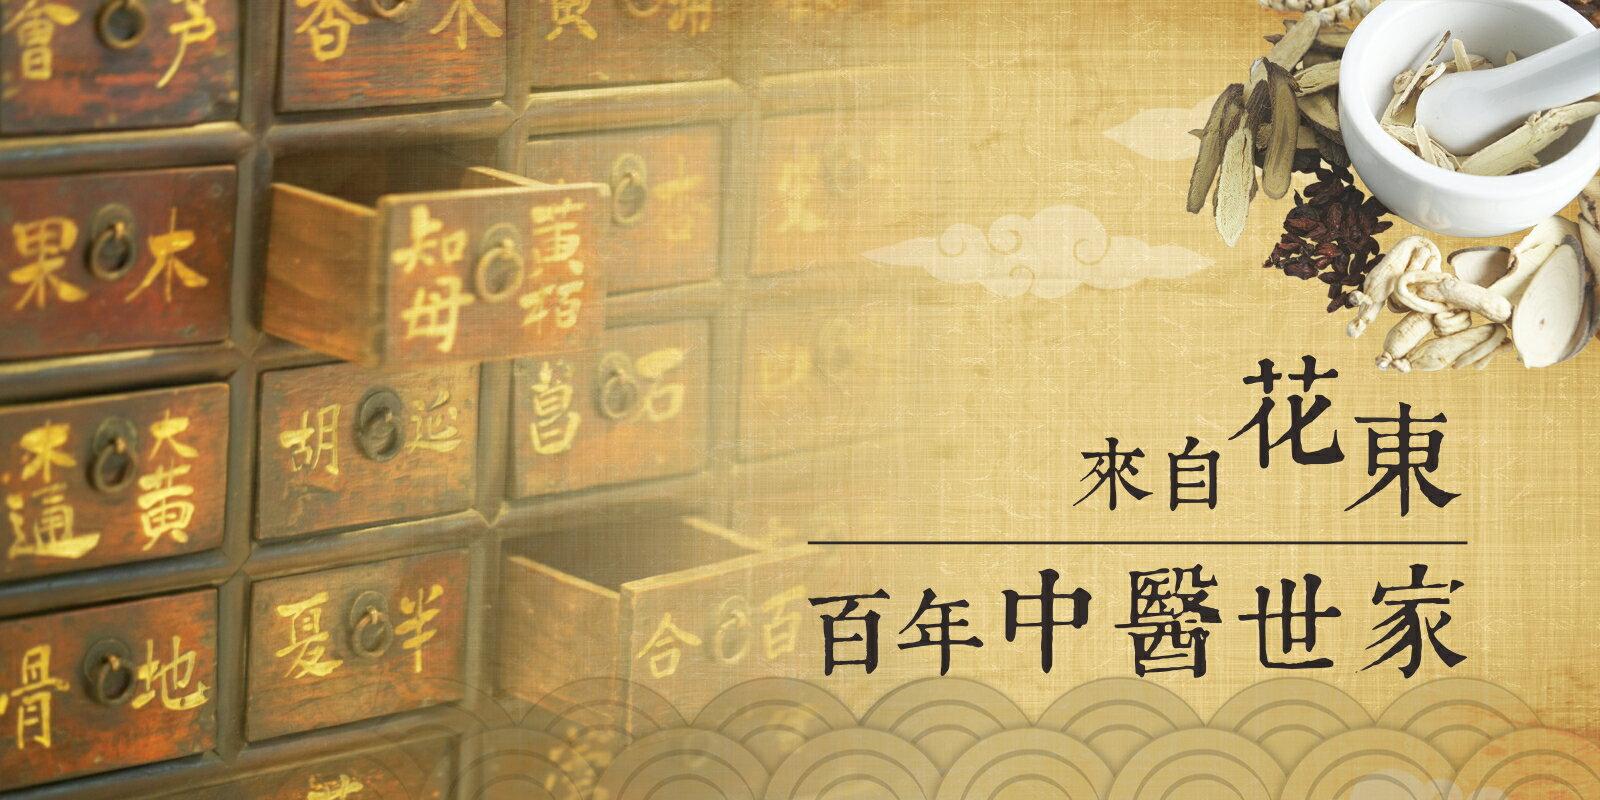 【成長藥膳燉土雞腿 (男)】連續食用 營養最佳   (1斤裝 重量包) 6